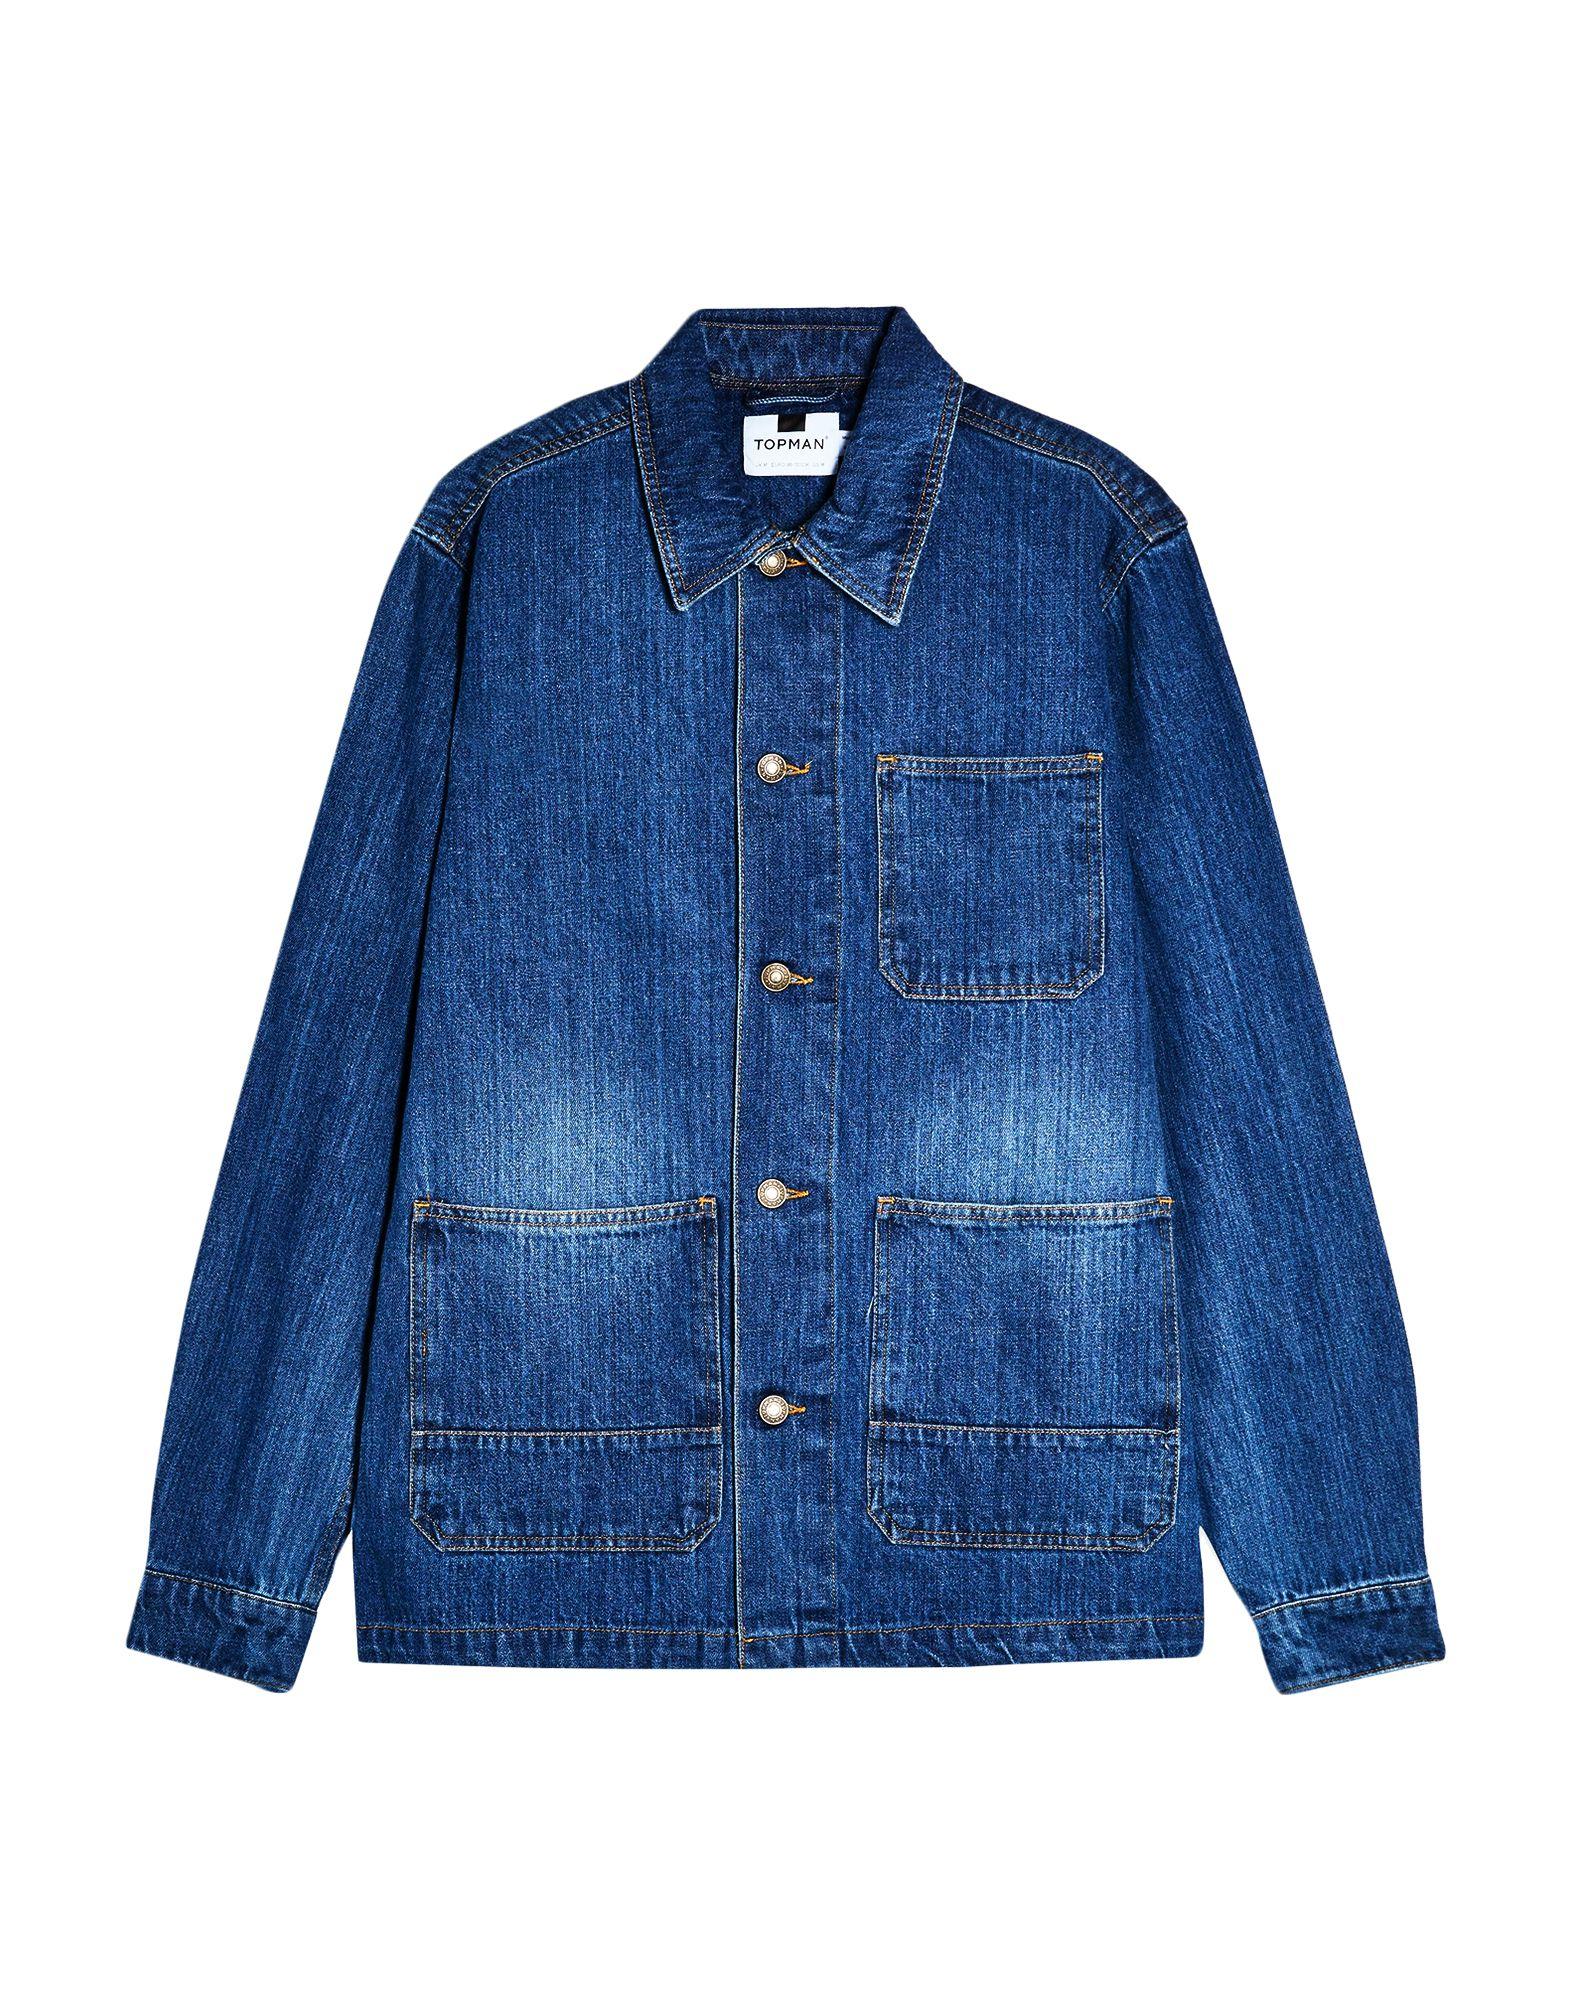 TOPMAN Джинсовая верхняя одежда topman джинсовая верхняя одежда